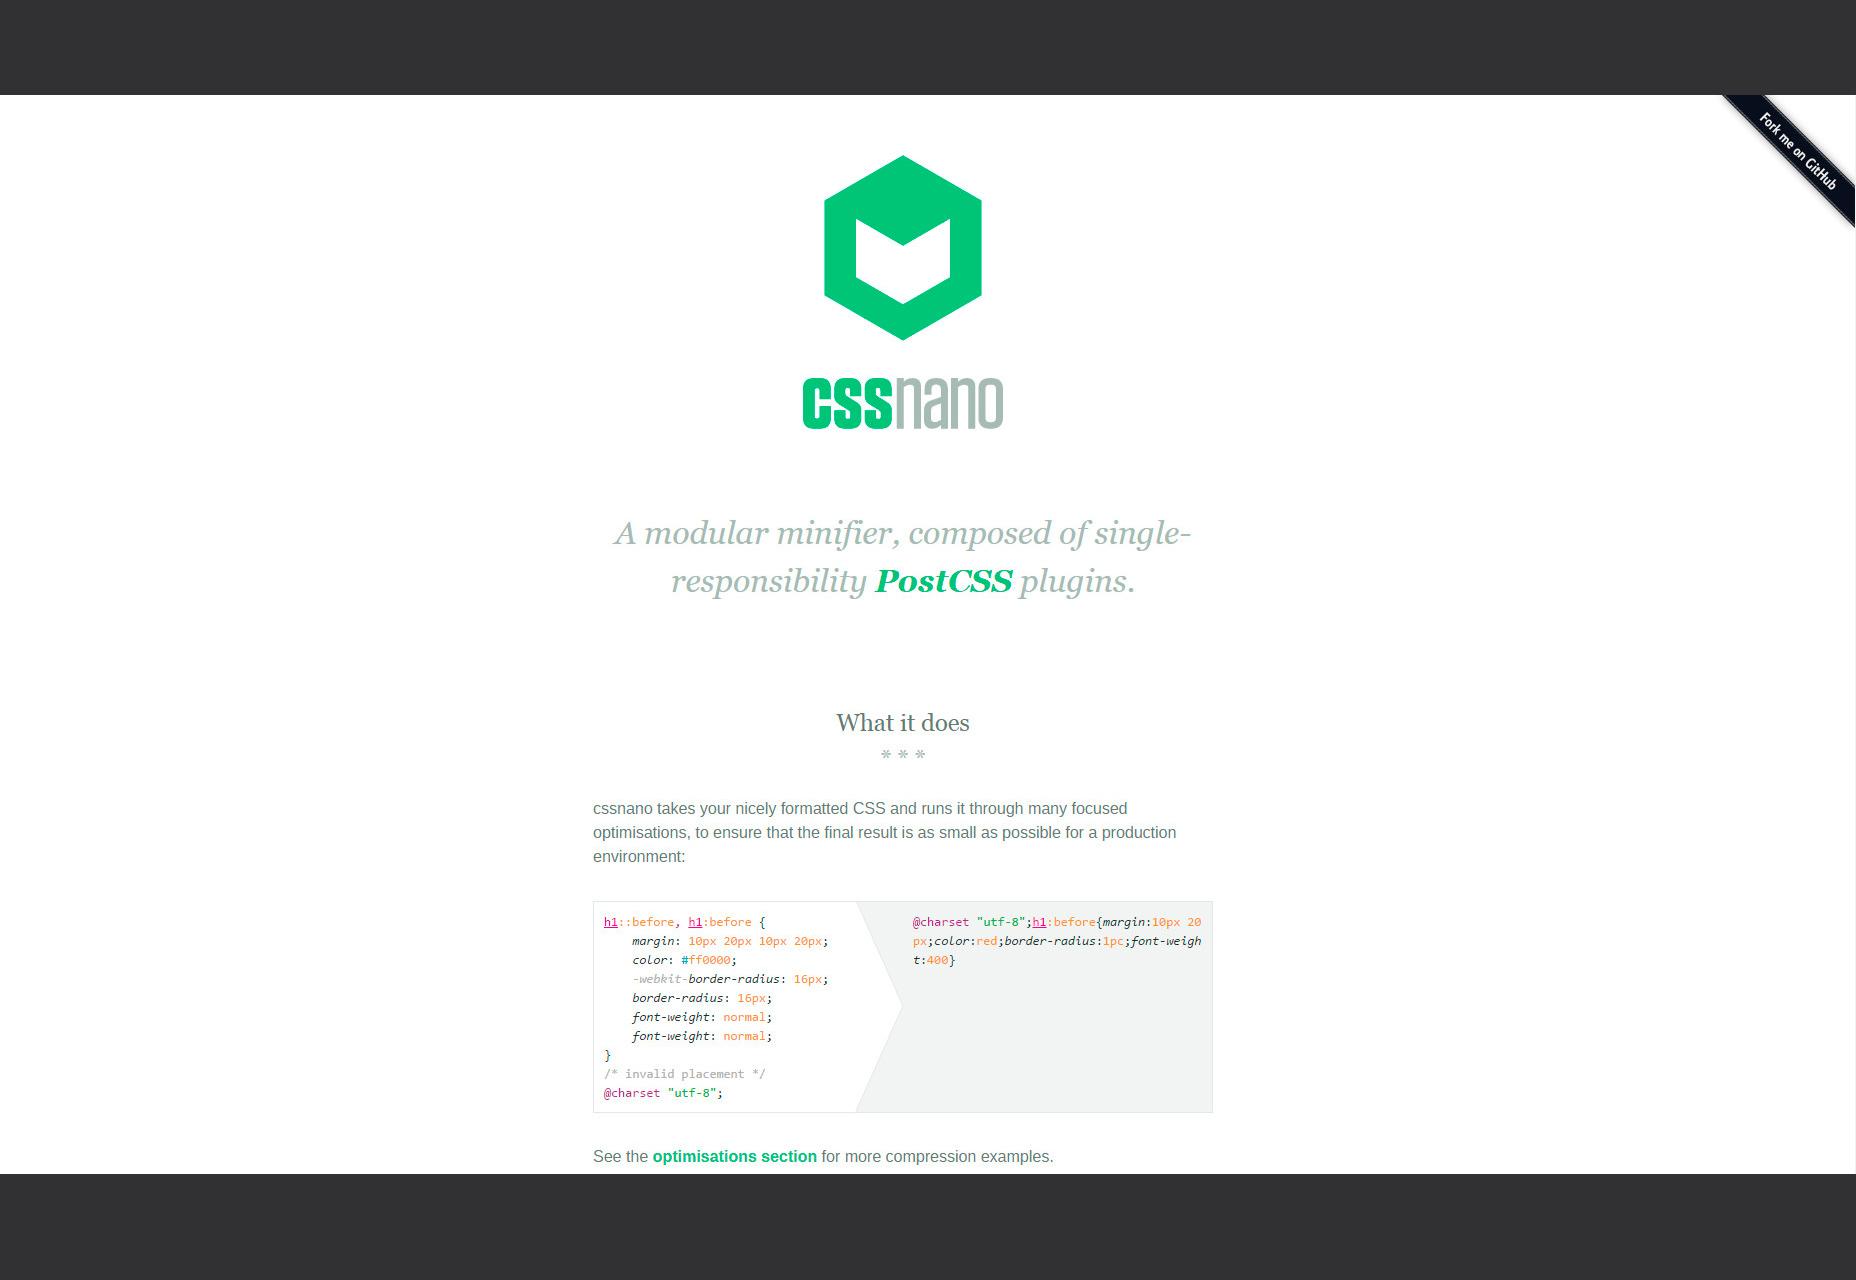 Cssnano: Minificador modular basado en PostCSS